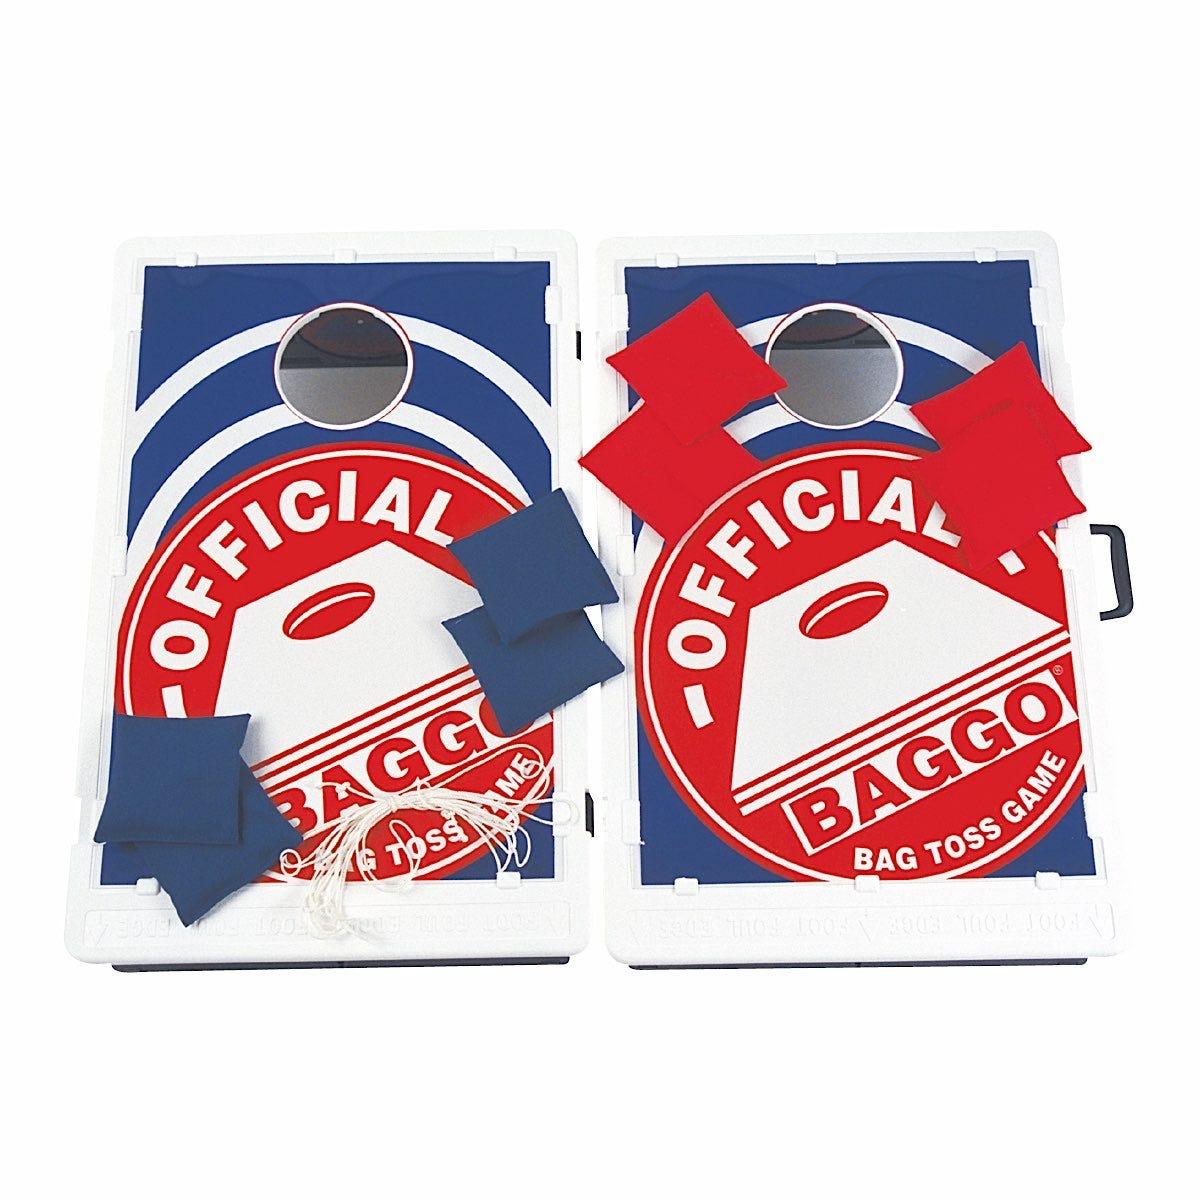 The Official Baggo® Game